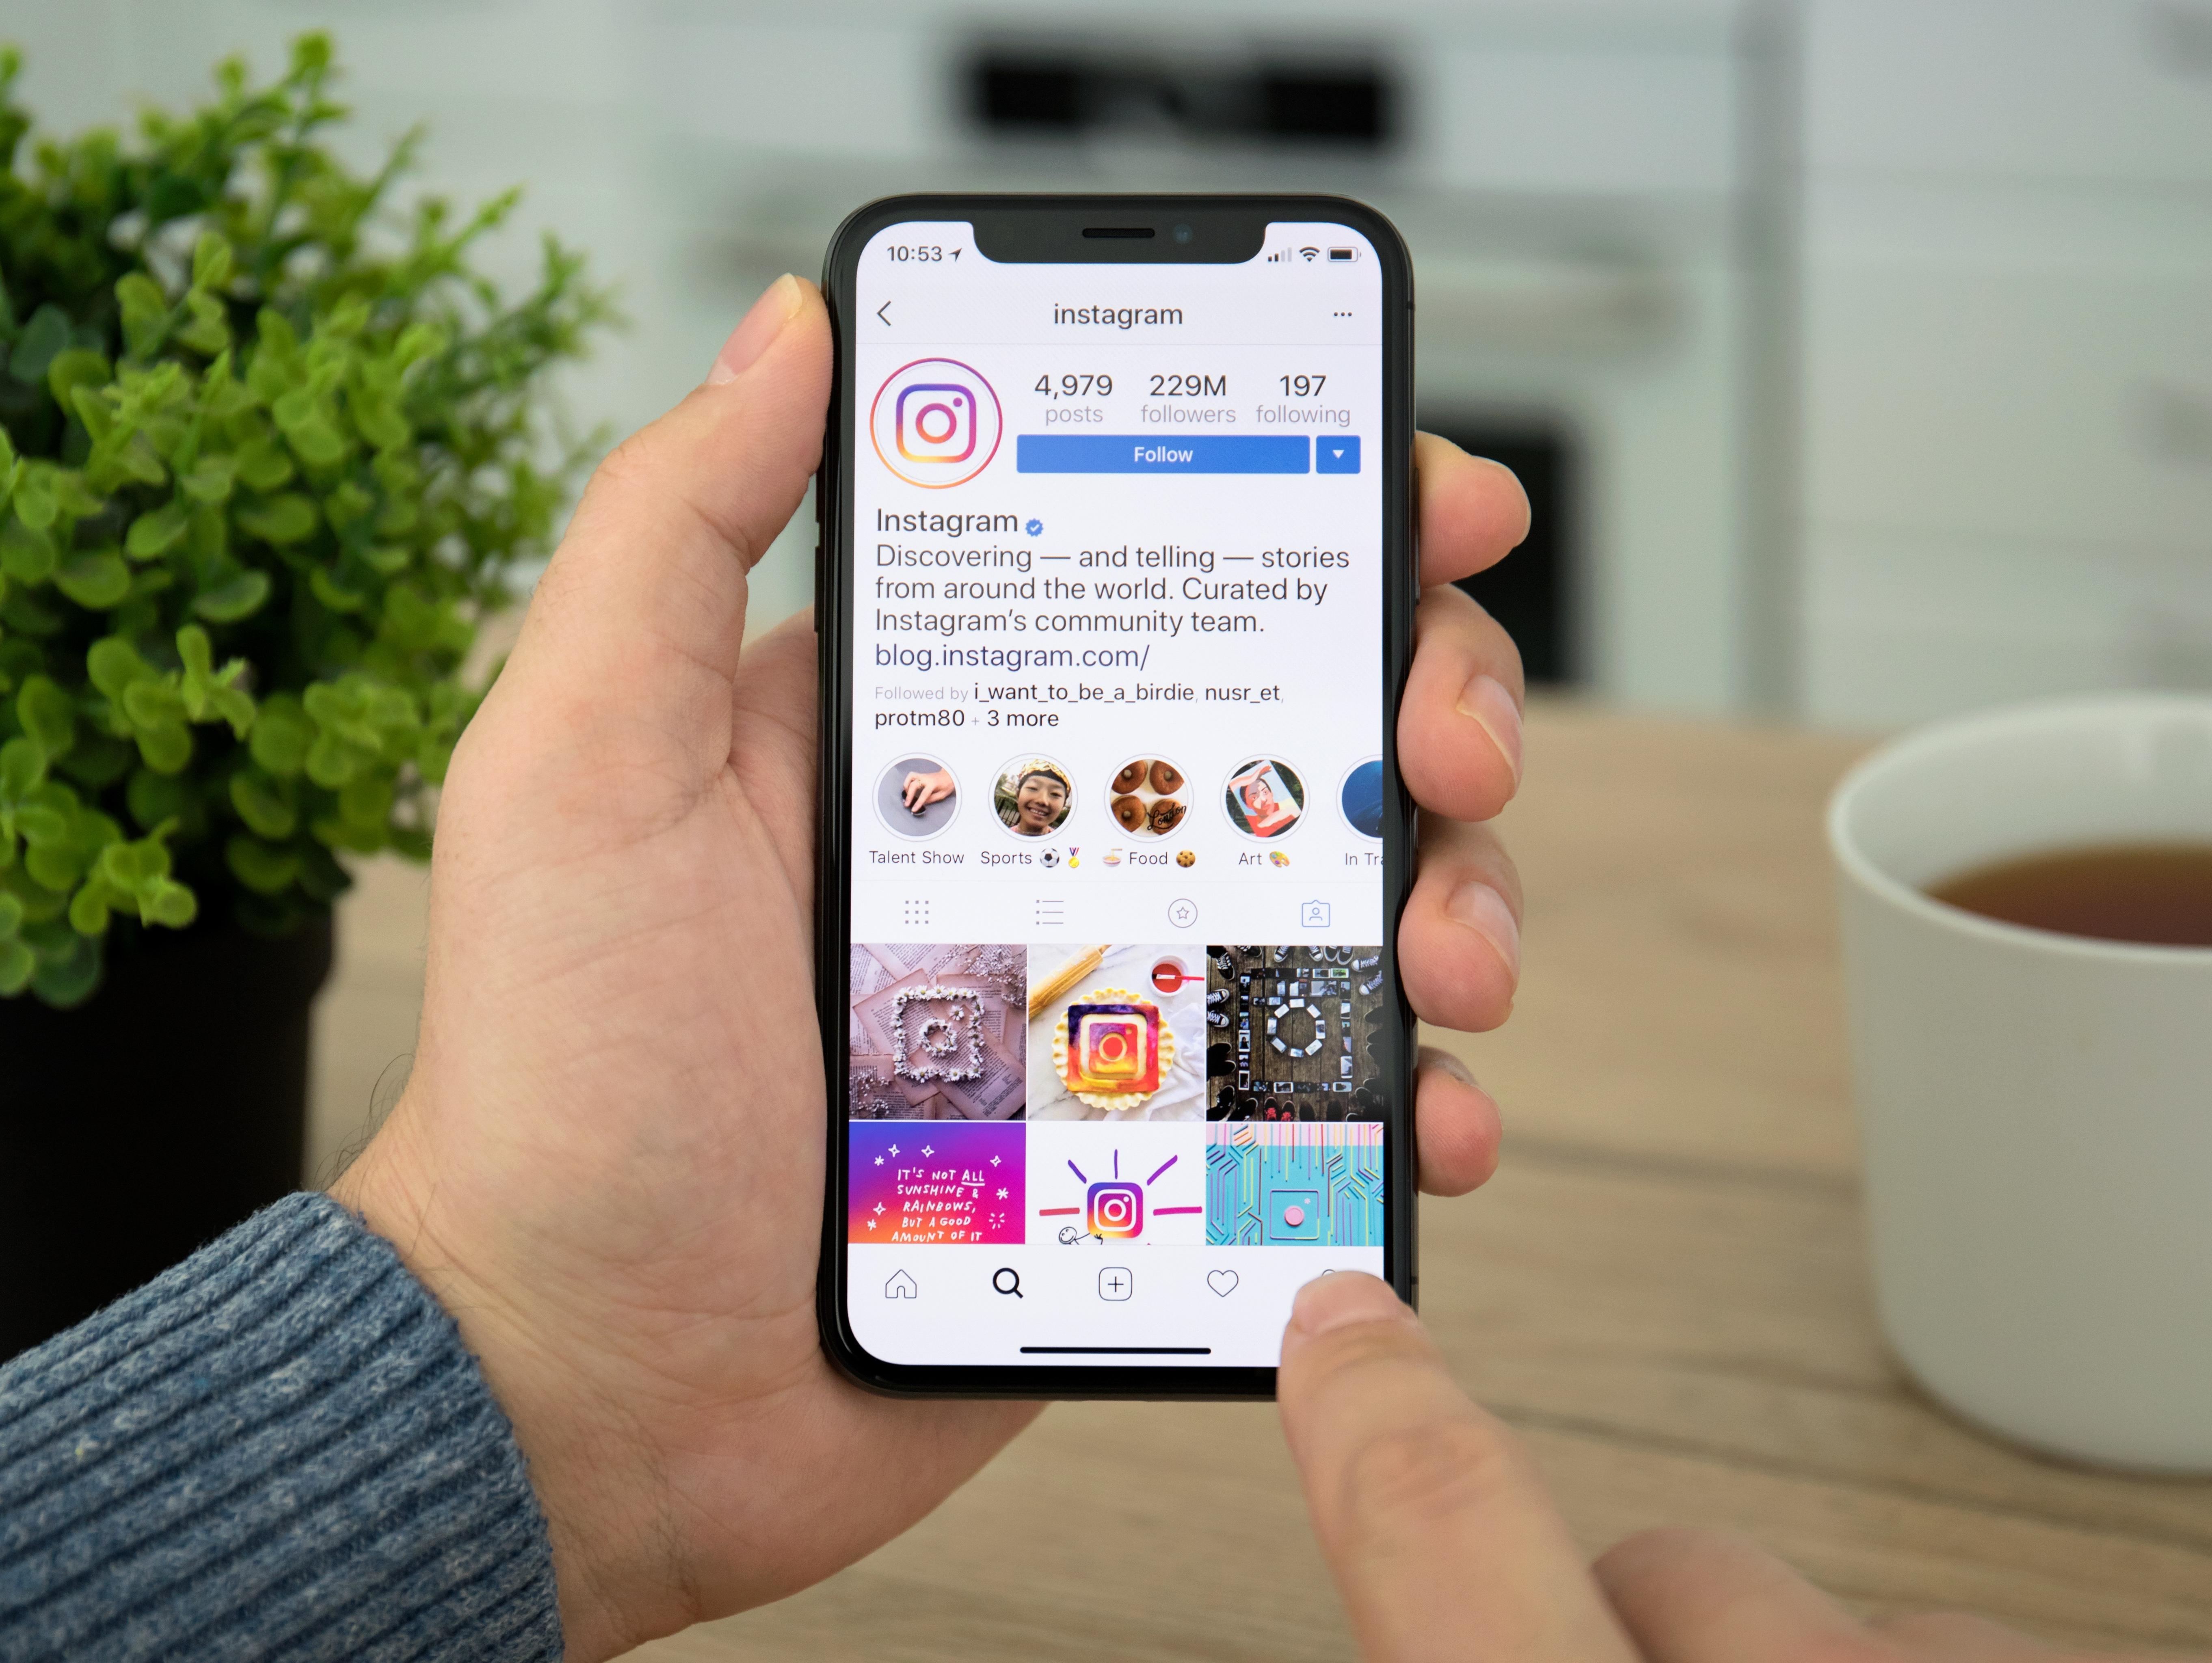 באג חדש התגלה באייפון: אפליקציות קורסות בגלל מדינה אחת